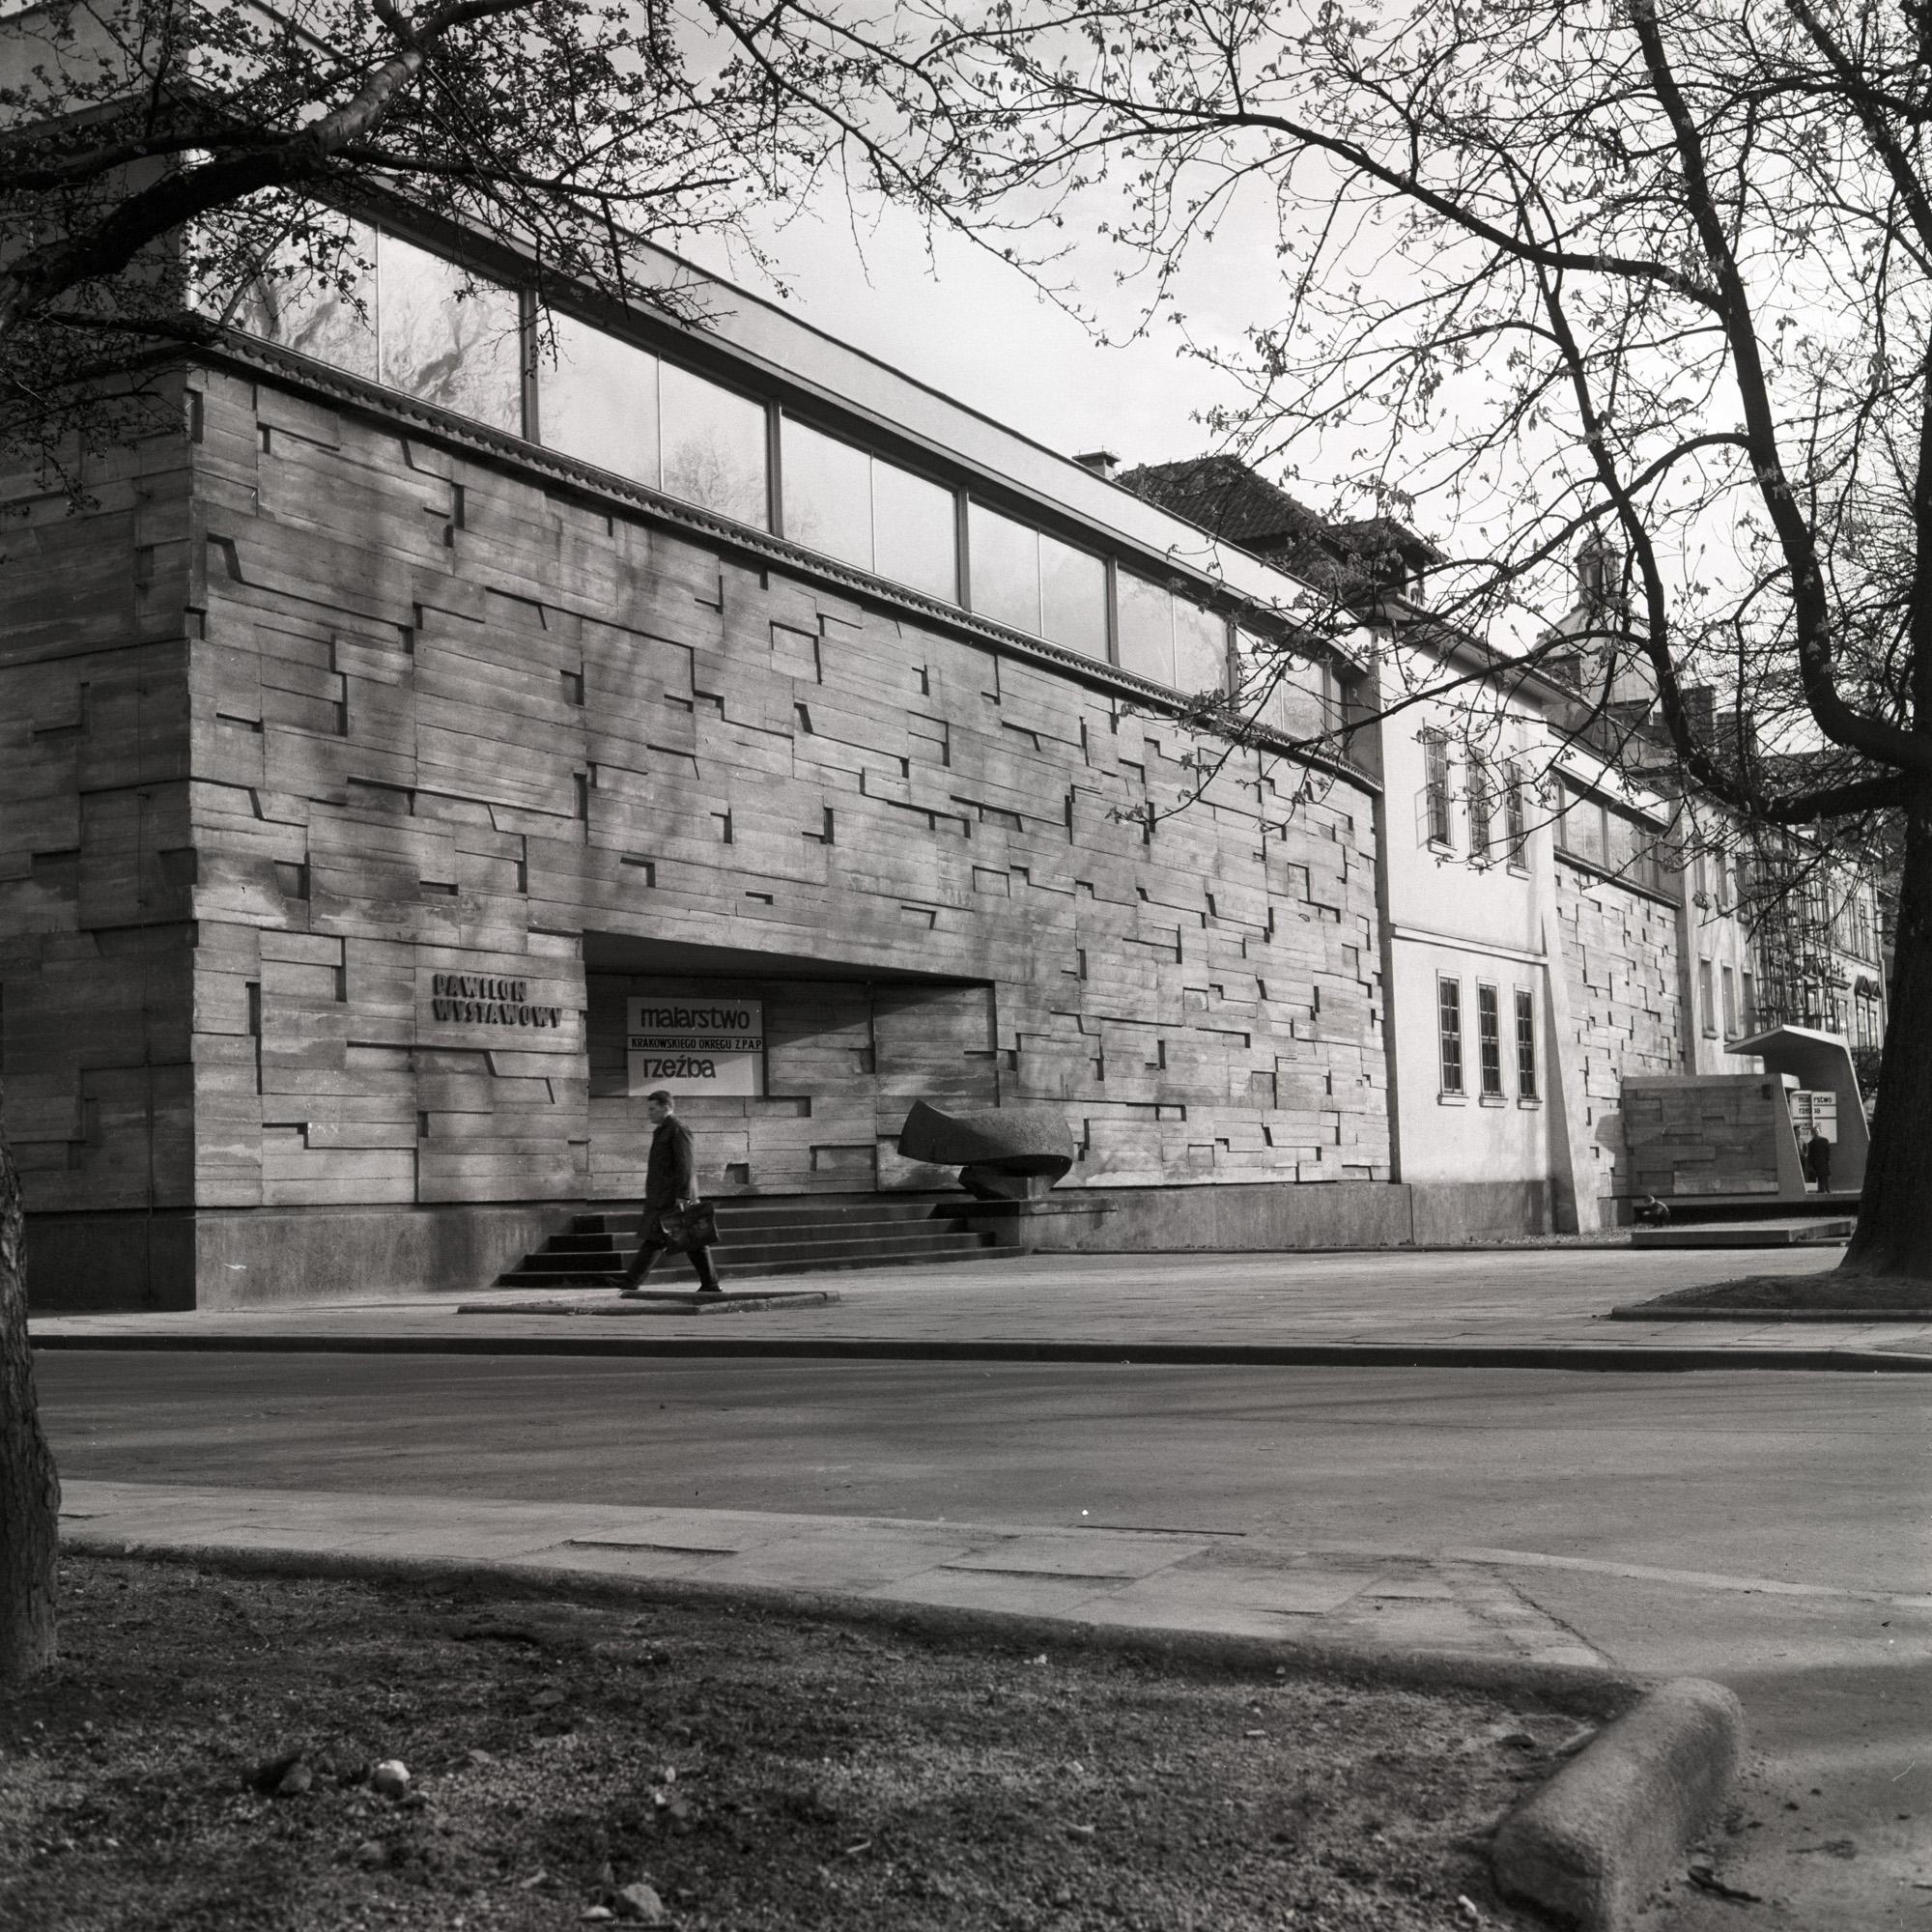 Widok MPW odPlant, lata 60. XX wieku, fot.D. Zawadzki, zarchiwum własnego artysty